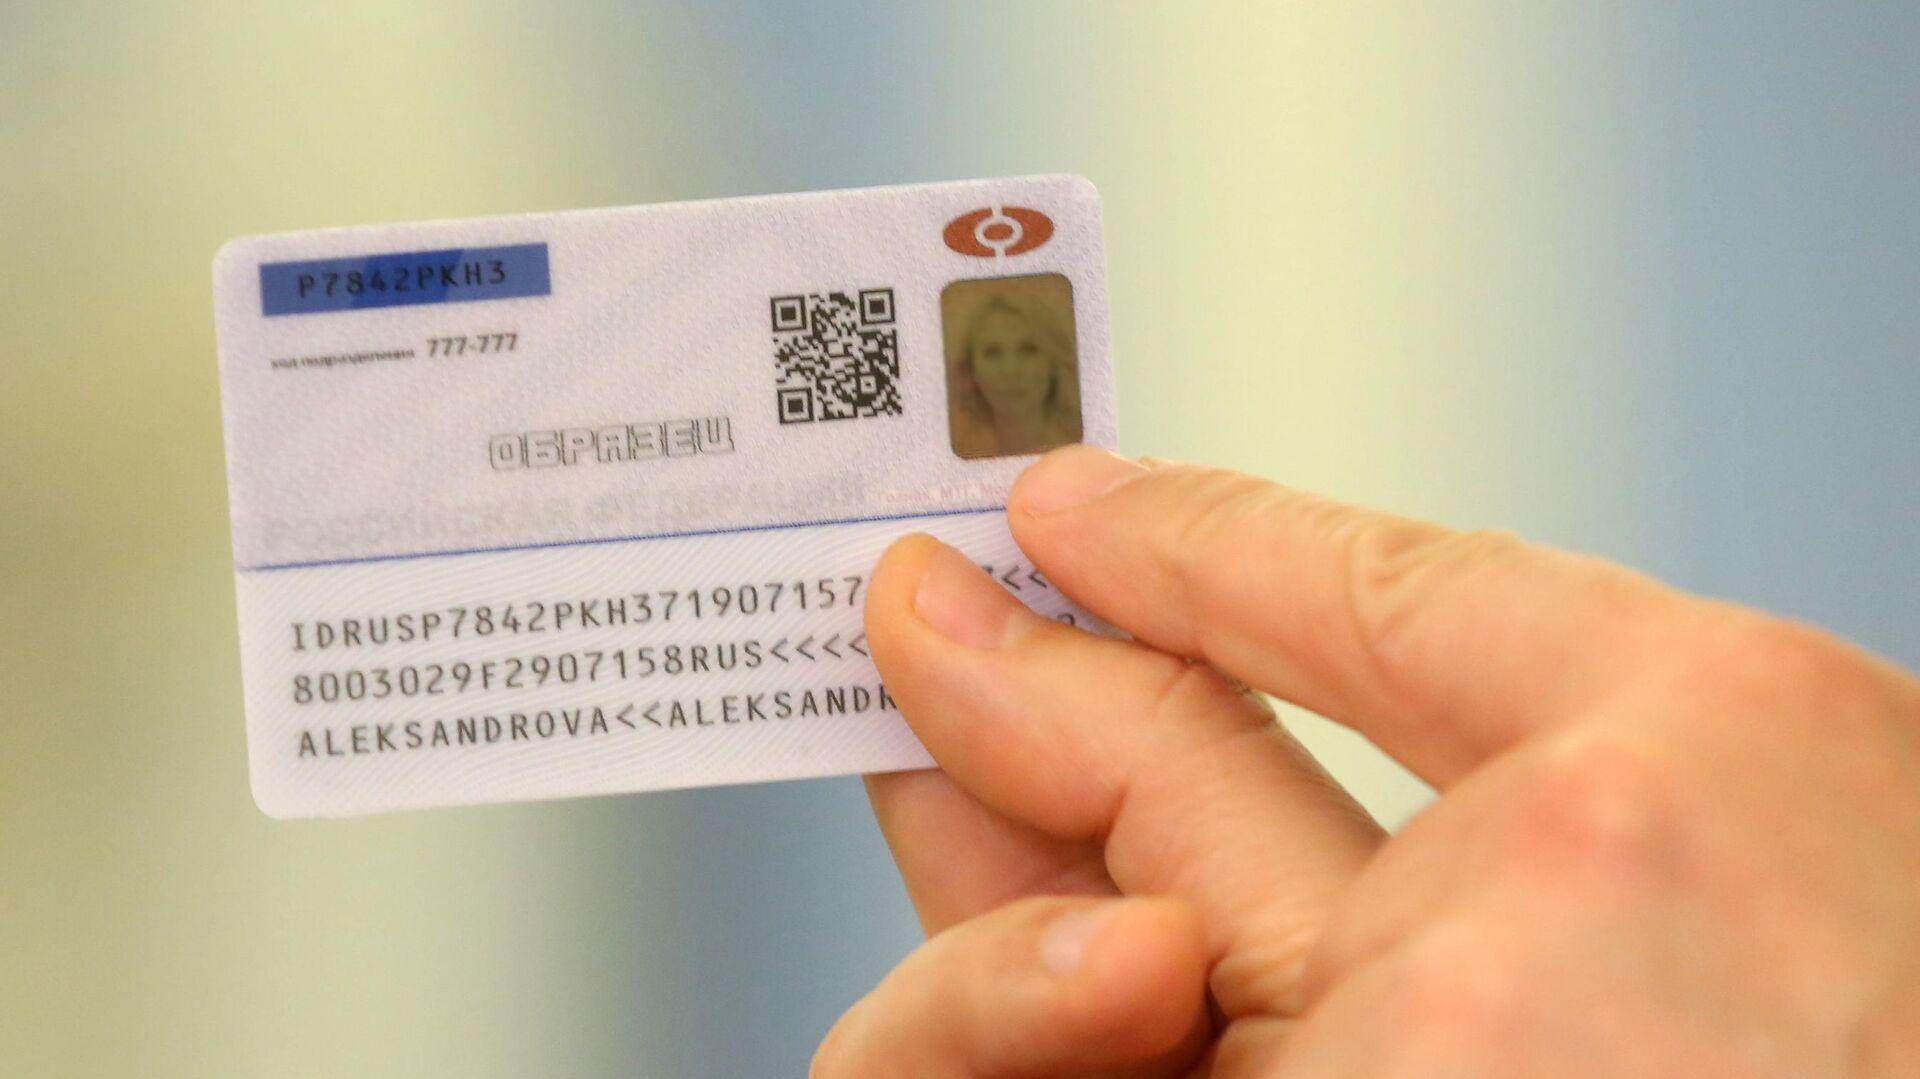 Заместитель председателя правительства РФ Максим Акимов демонстрирует образец электронного паспорта  - РИА Новости, 1920, 29.09.2021